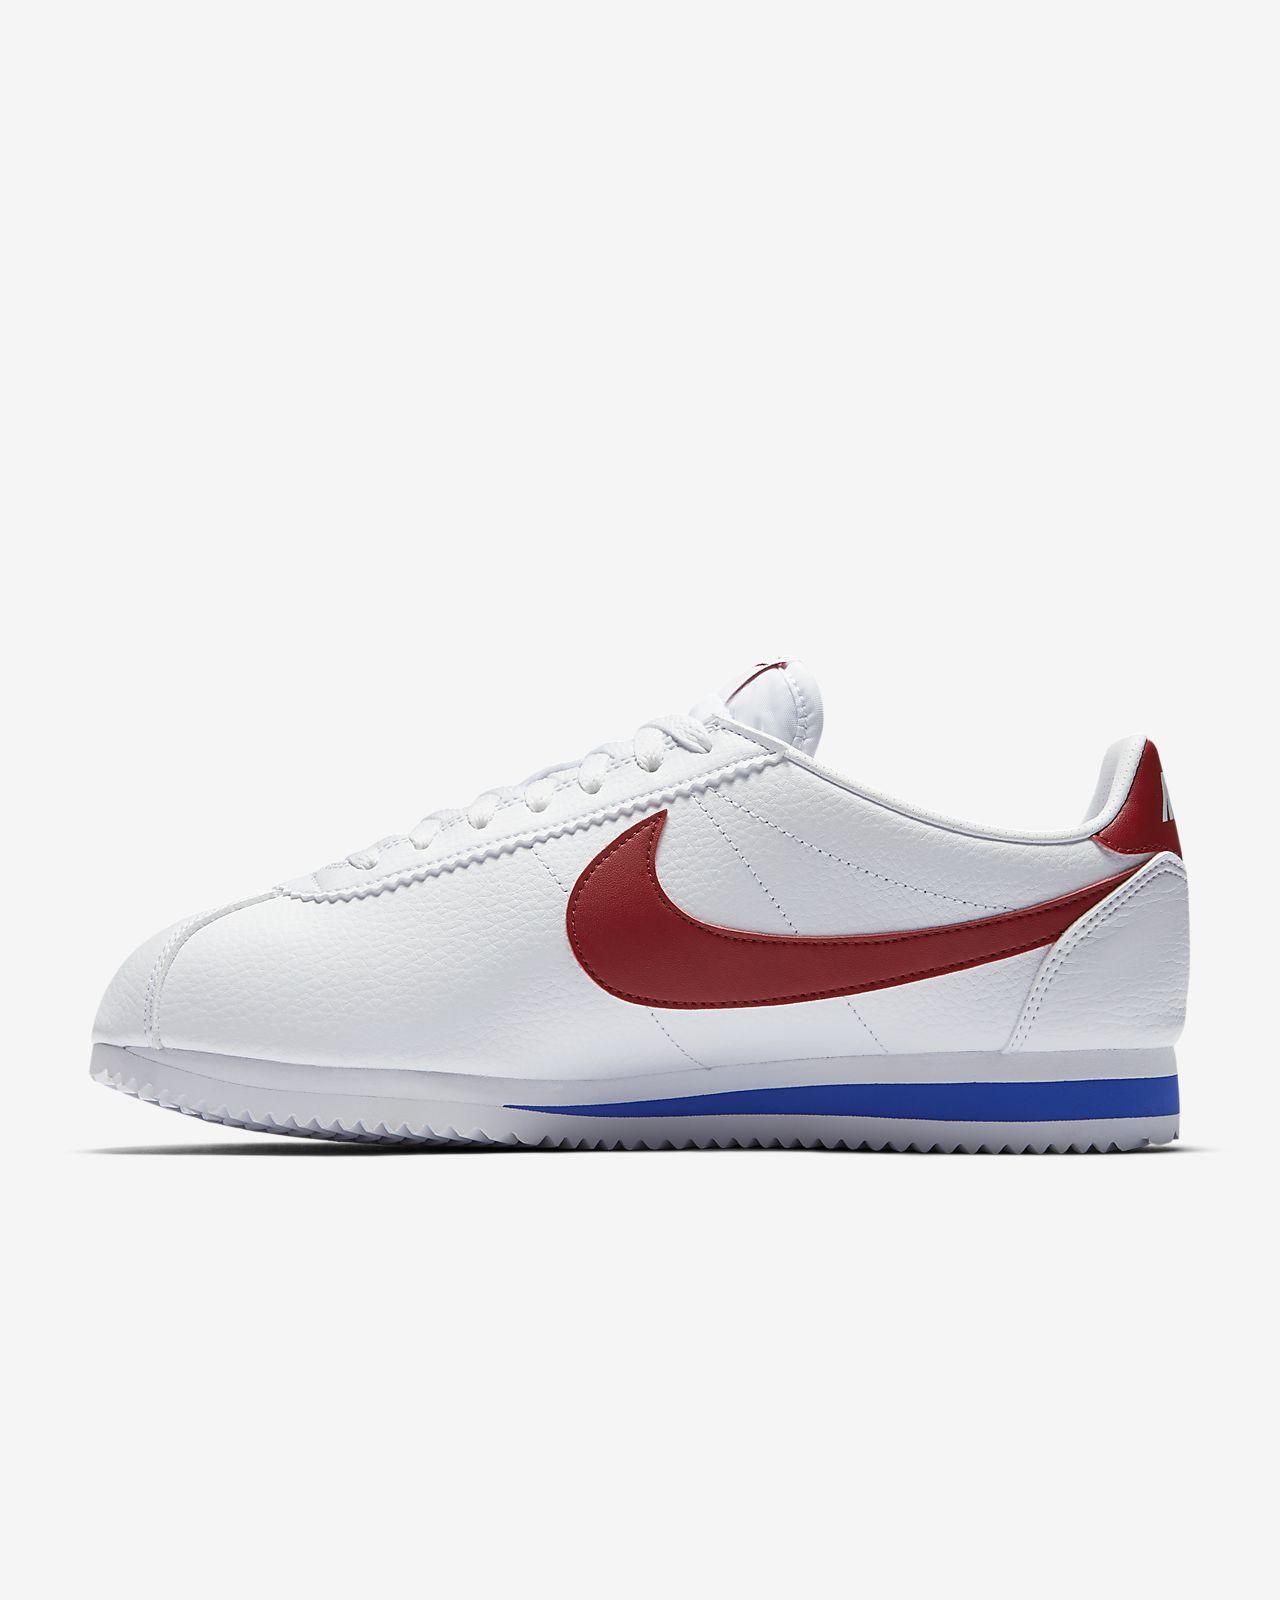 a9586b870 Nike Classic Cortez Men's Shoe. Nike.com GB